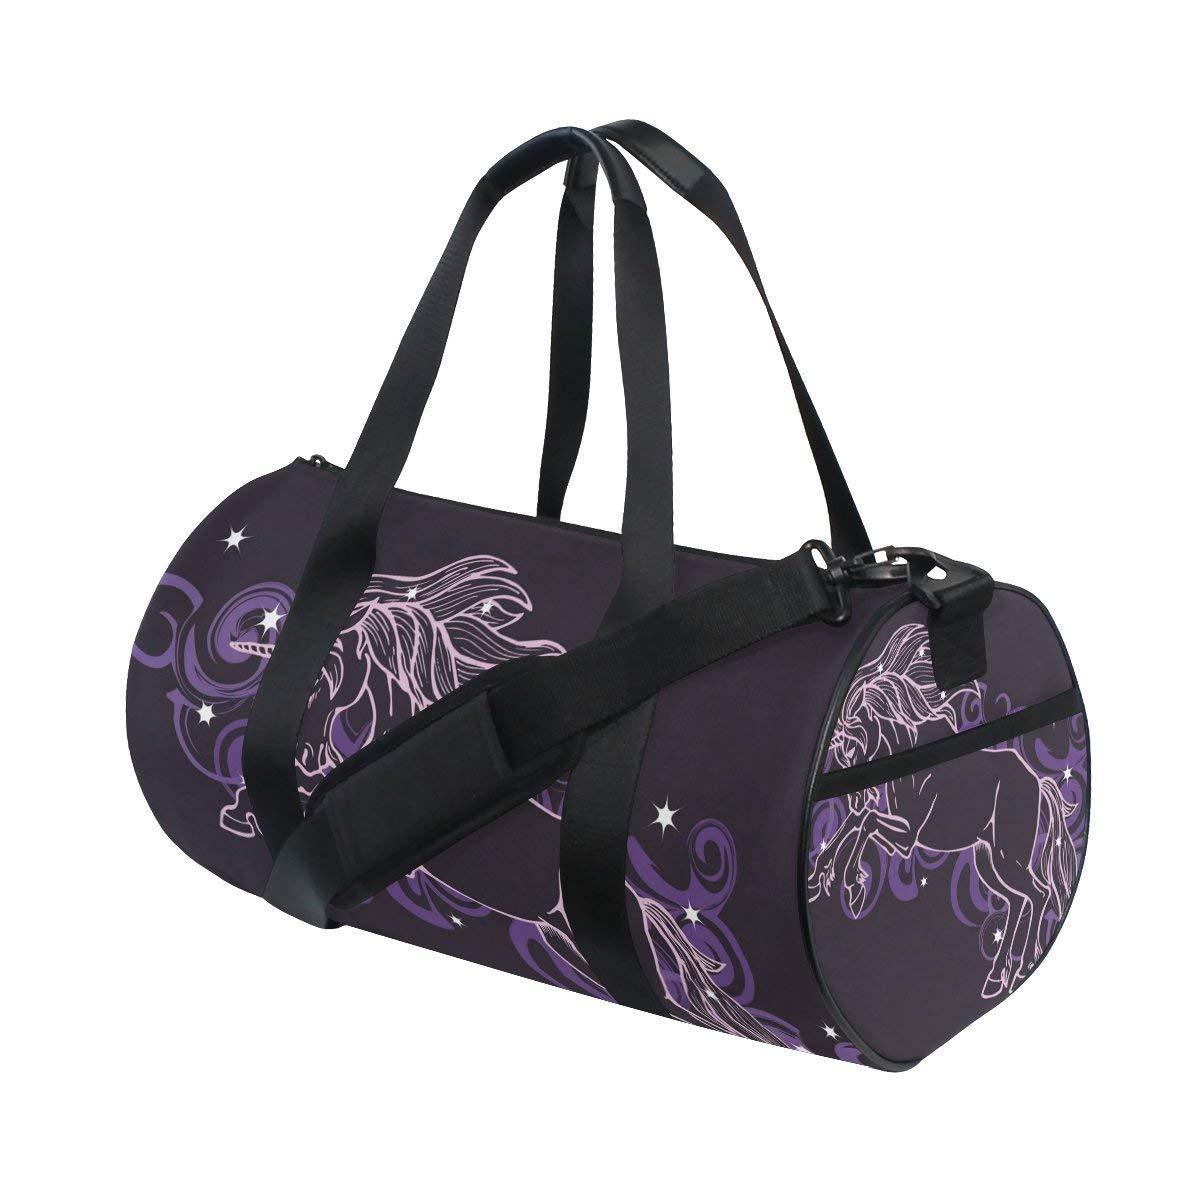 Gym Duffel Bag Unicorn Star Cloud Sports Lightweight Canvas Travel Luggage Bag